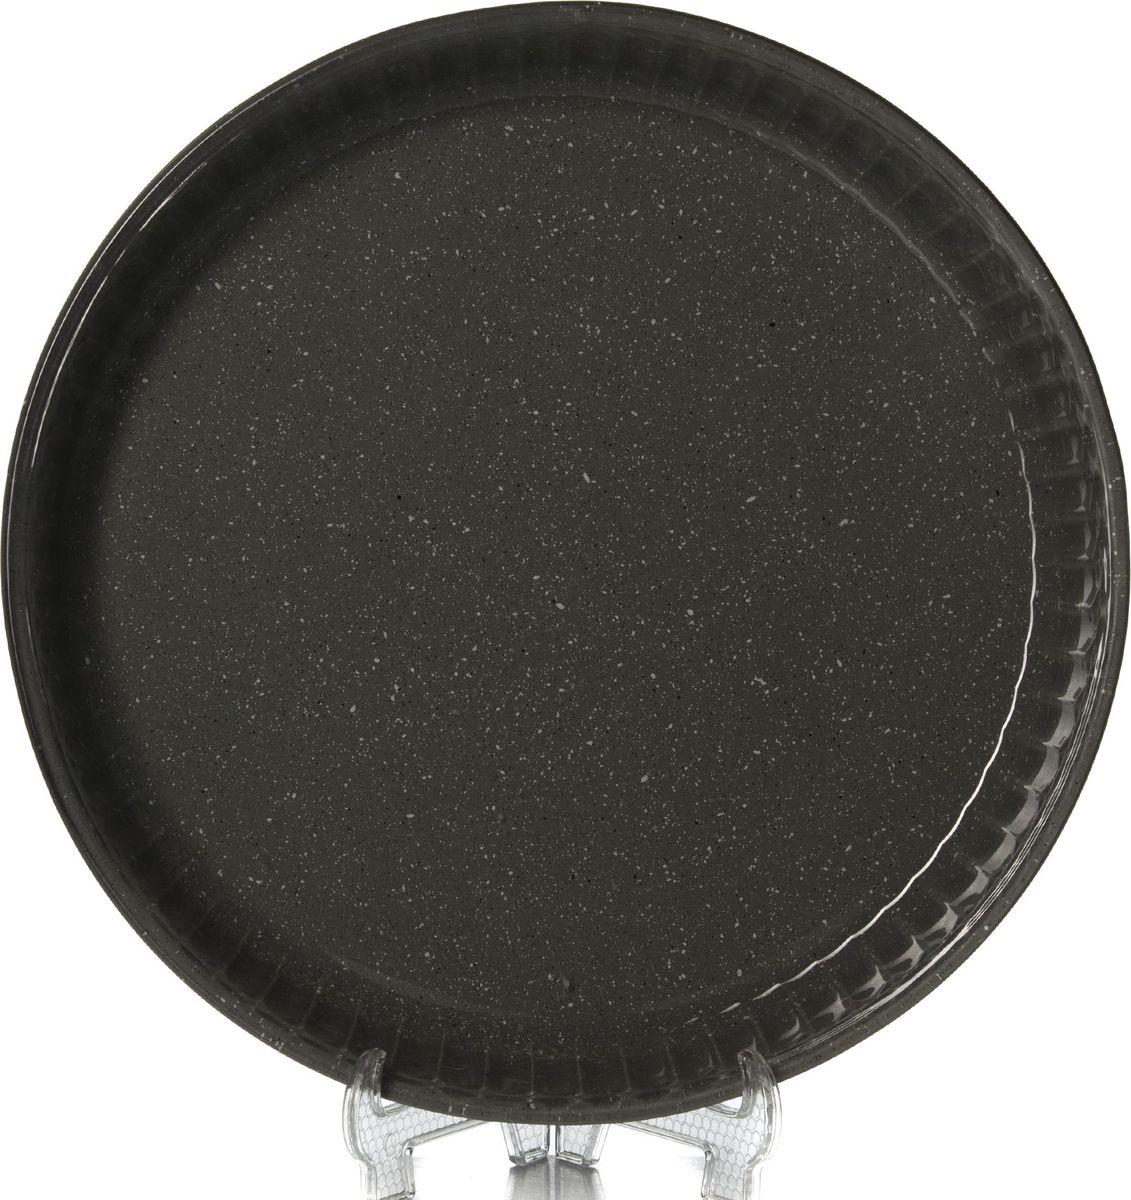 Посуда для СВЧ Pasabahce, диаметр 32 см. 59014DGR59014DGRПосуда для СВЧ круглая d=320 мм цветное стекло (1073106)